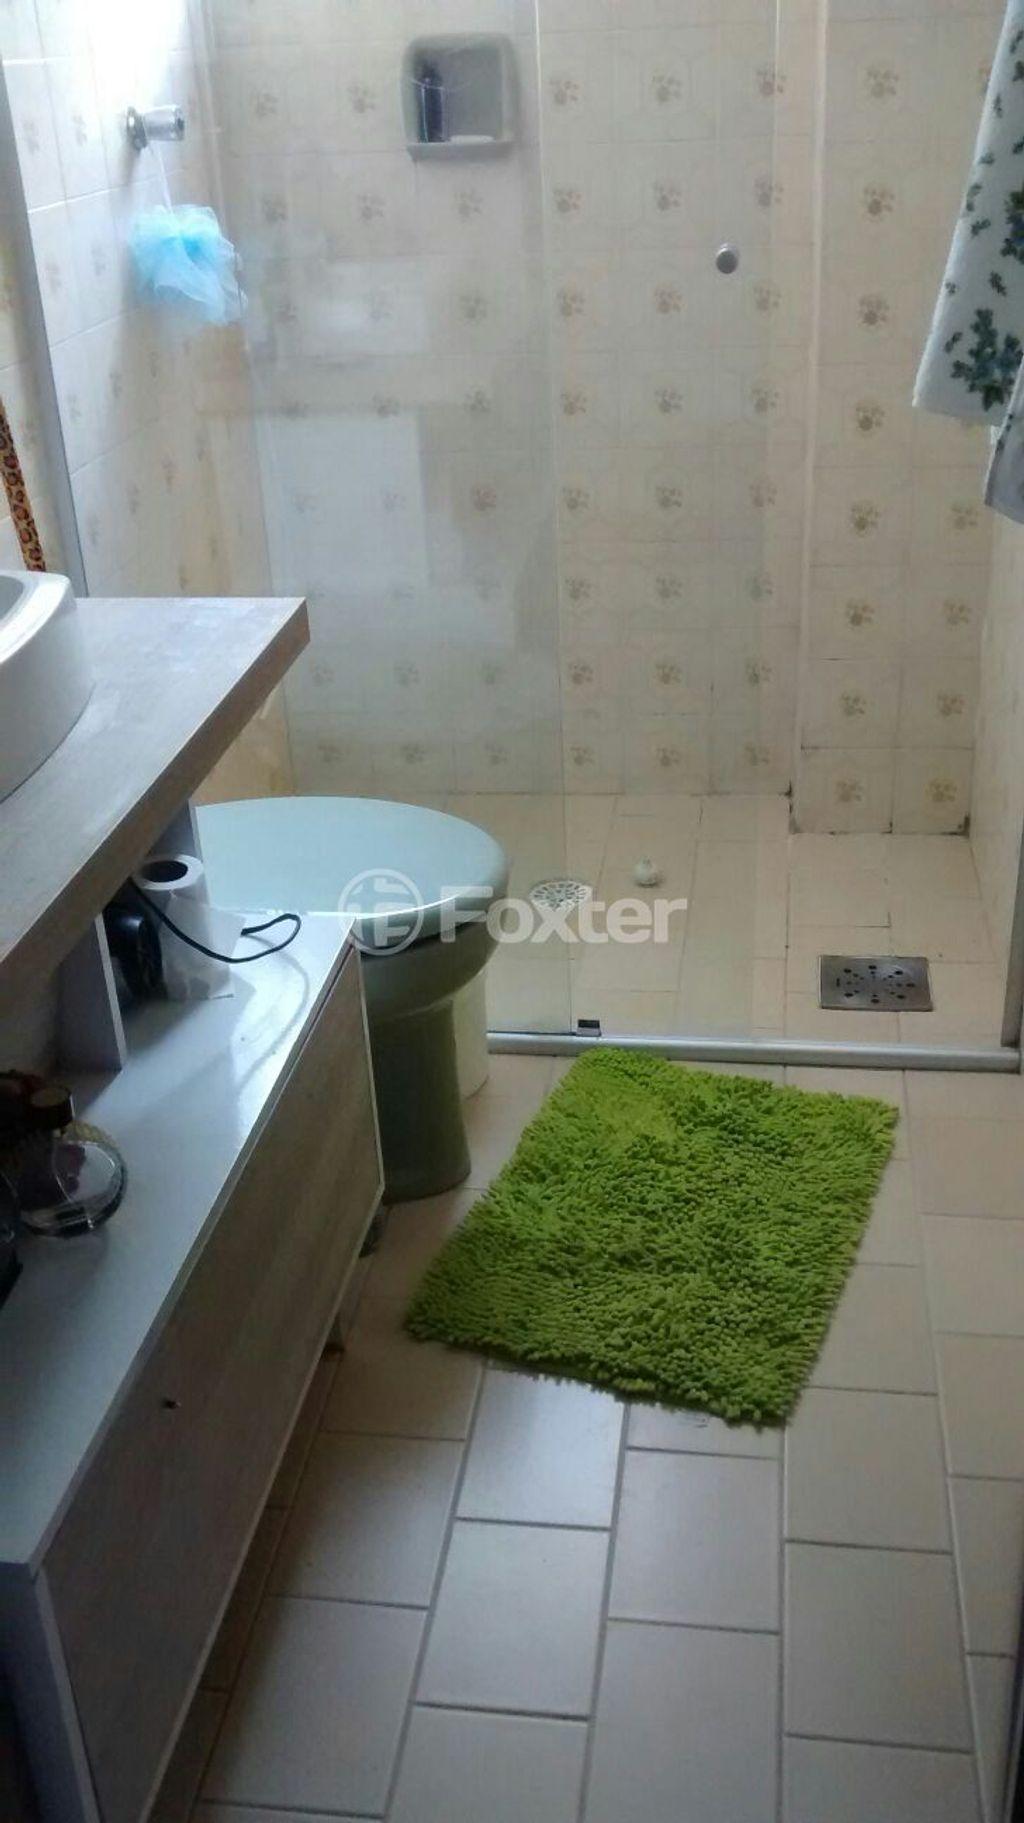 Foxter Imobiliária - Cobertura 1 Dorm (131260) - Foto 5